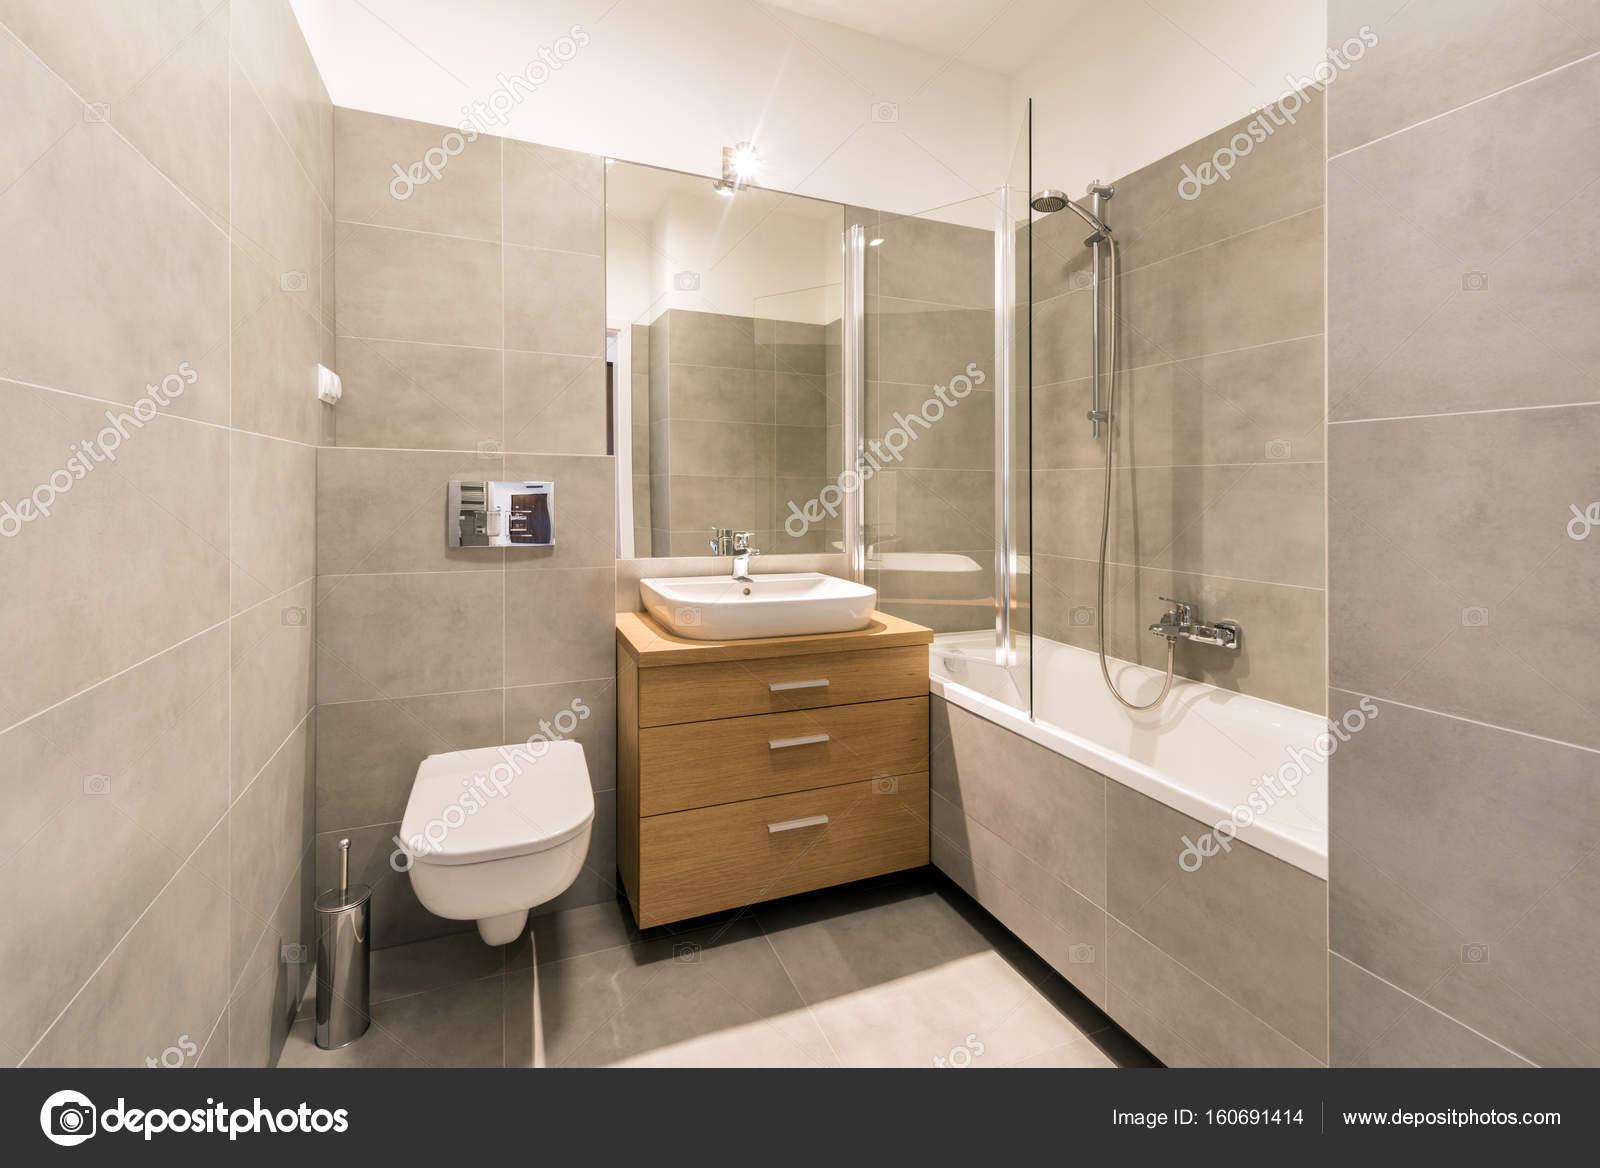 Modernes Bad Mit Fliesen Auf Dem Fußboden U2014 Stockfoto